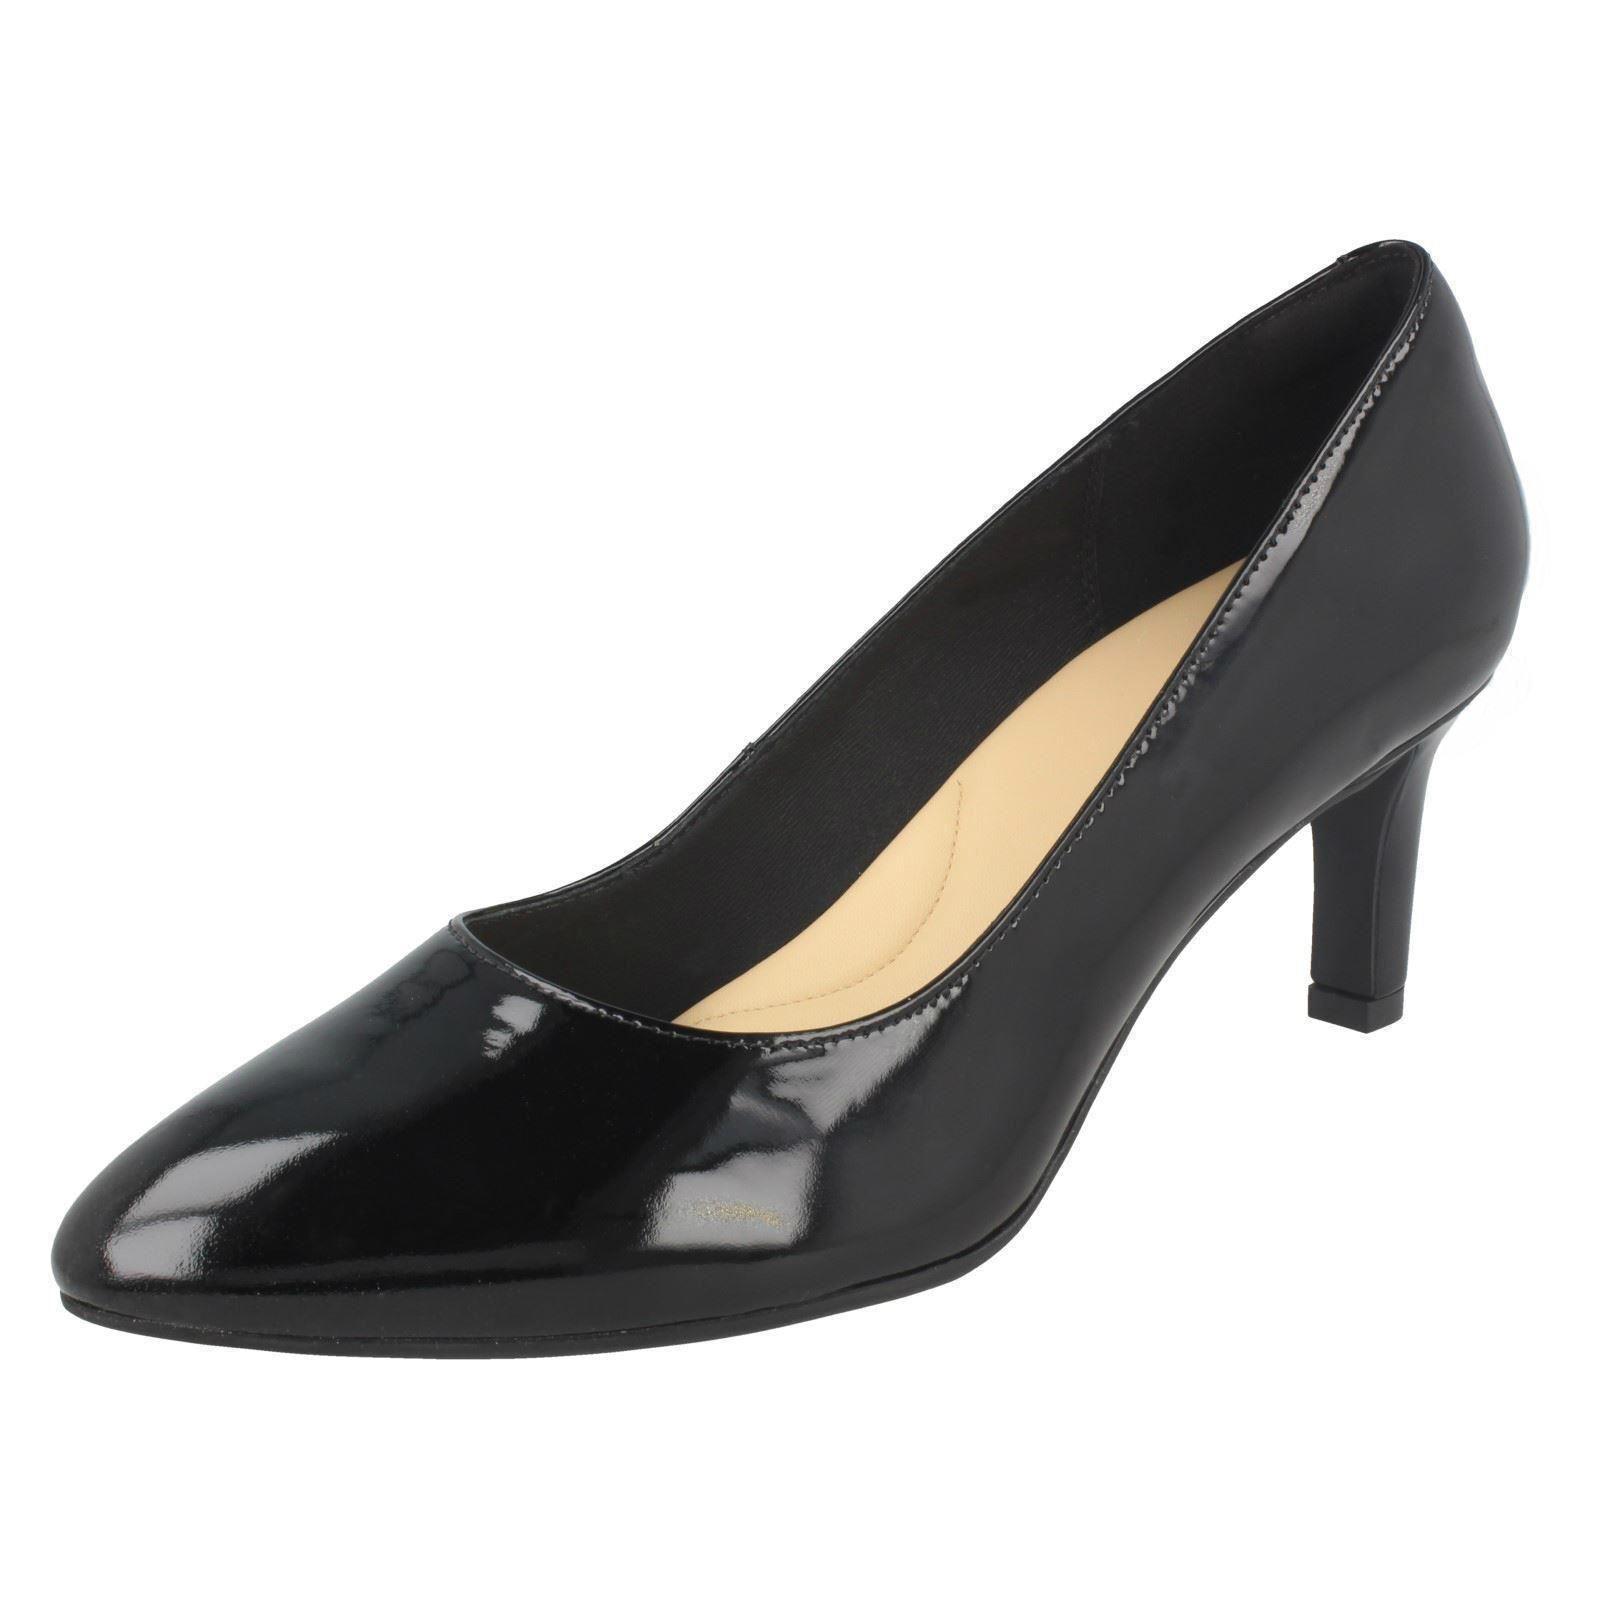 13c2bde2964d33 Monsieur Monsieur Monsieur / Dame Femmes Clarks Cour Chaussures-Calla ROSE  Apparence esthétique À un prix inférieur Points de vente alleFemmeds | De  Gagner ...